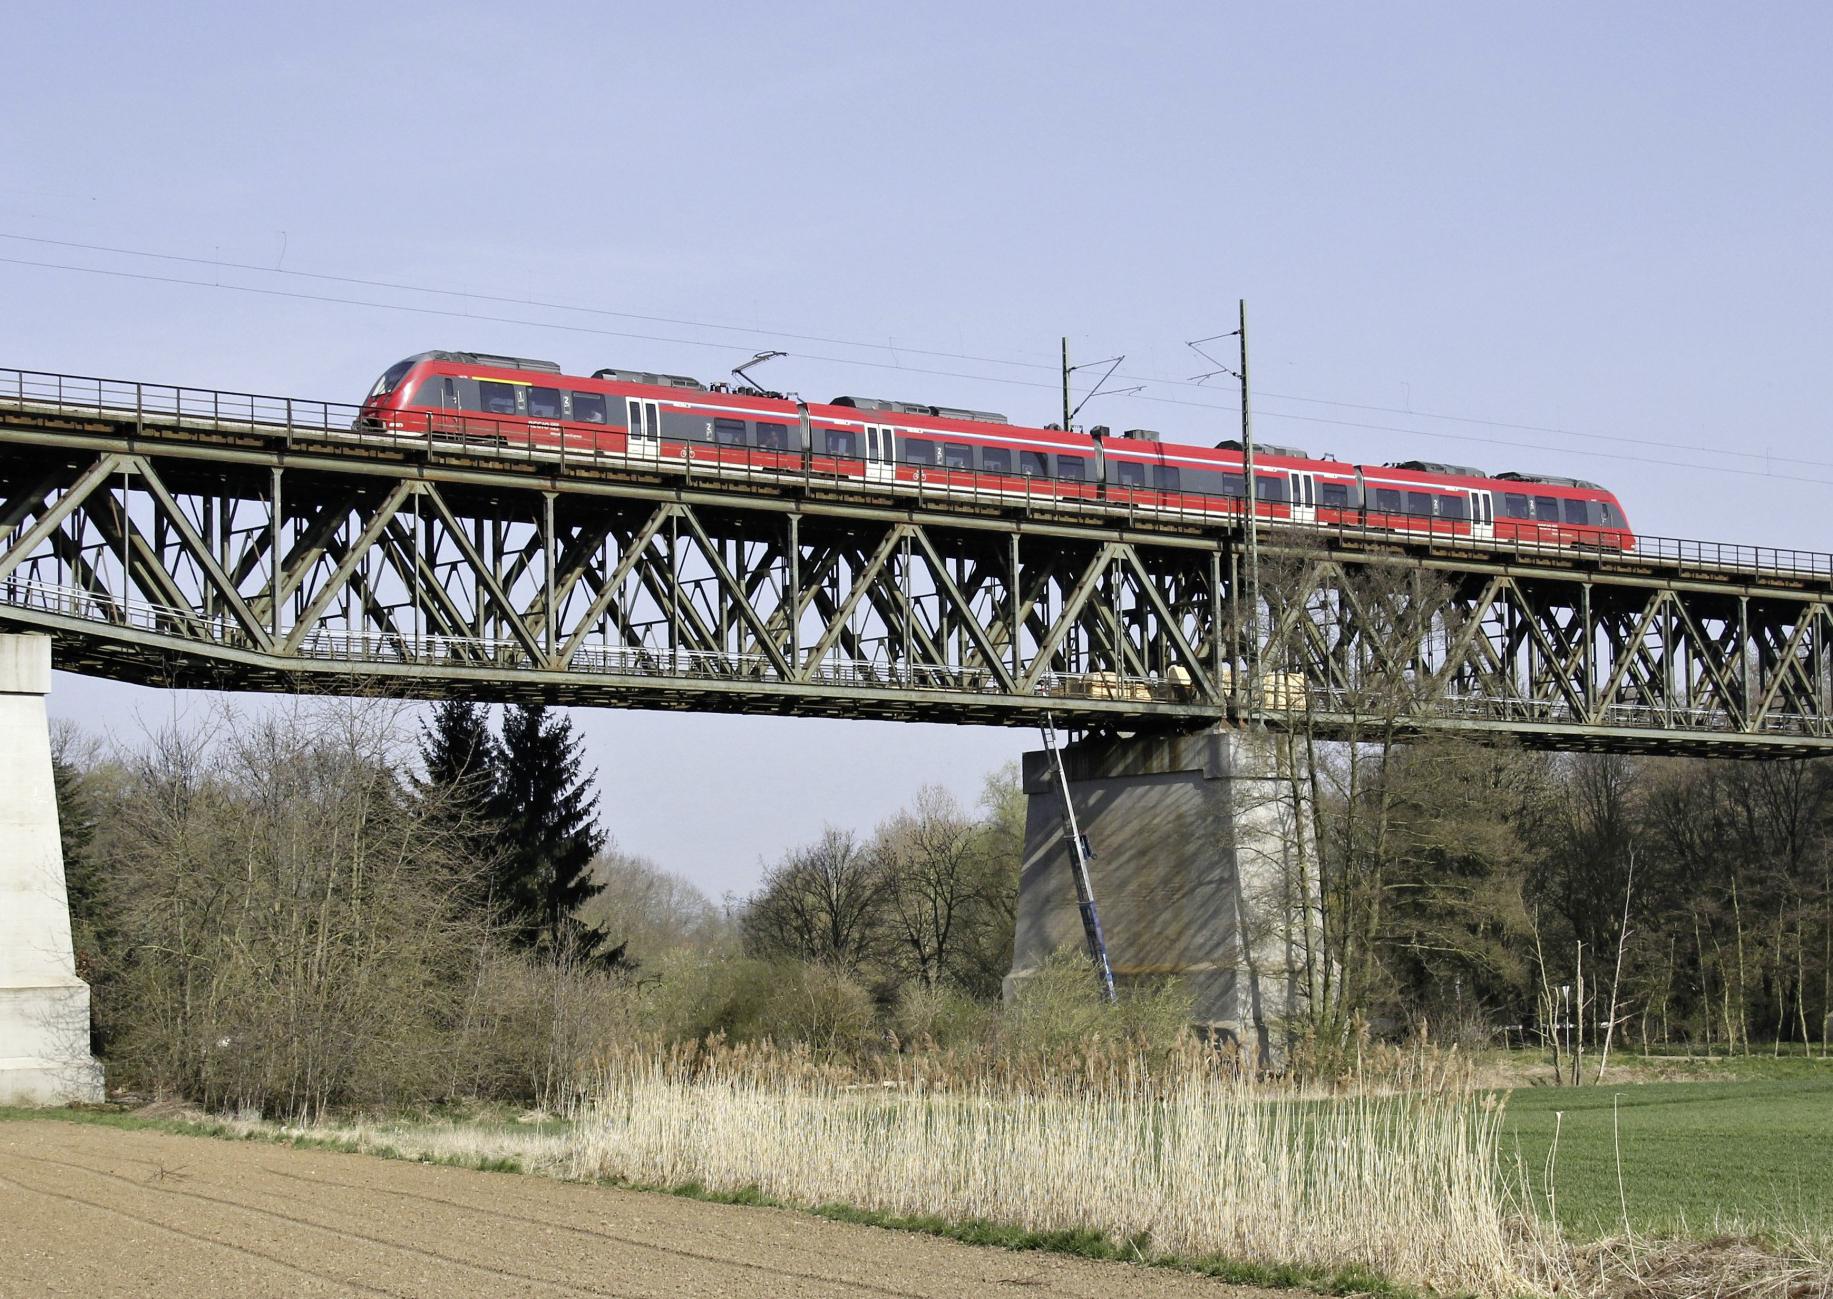 Regionalzug auf einer Brücke